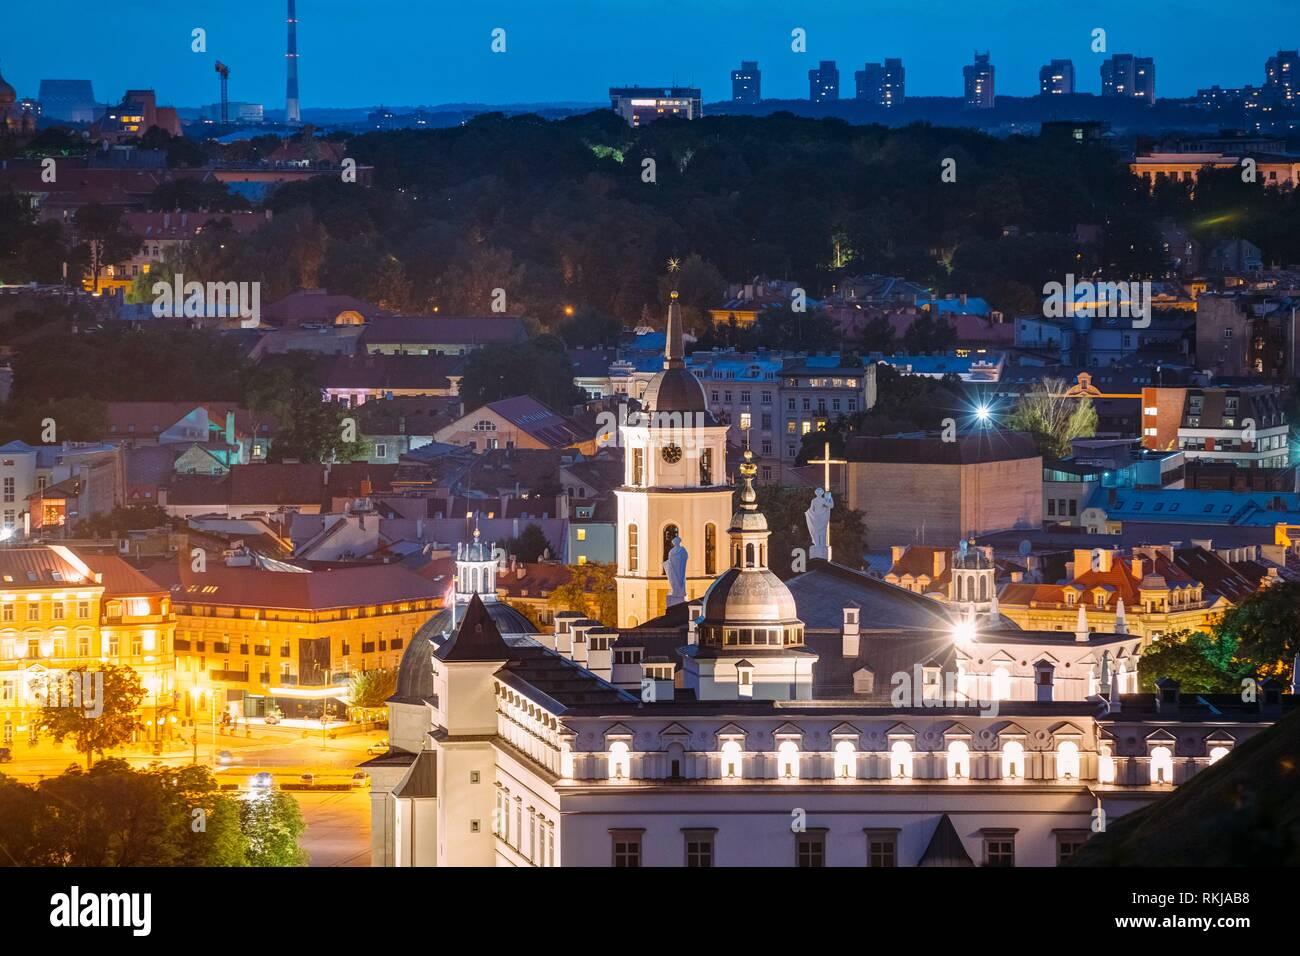 Vilna, Lituania, los países de Europa oriental. Vista aérea del centro histórico del paisaje urbano en azul horas después del atardecer. Vista de viajes de la ciudad vieja en la noche Foto de stock